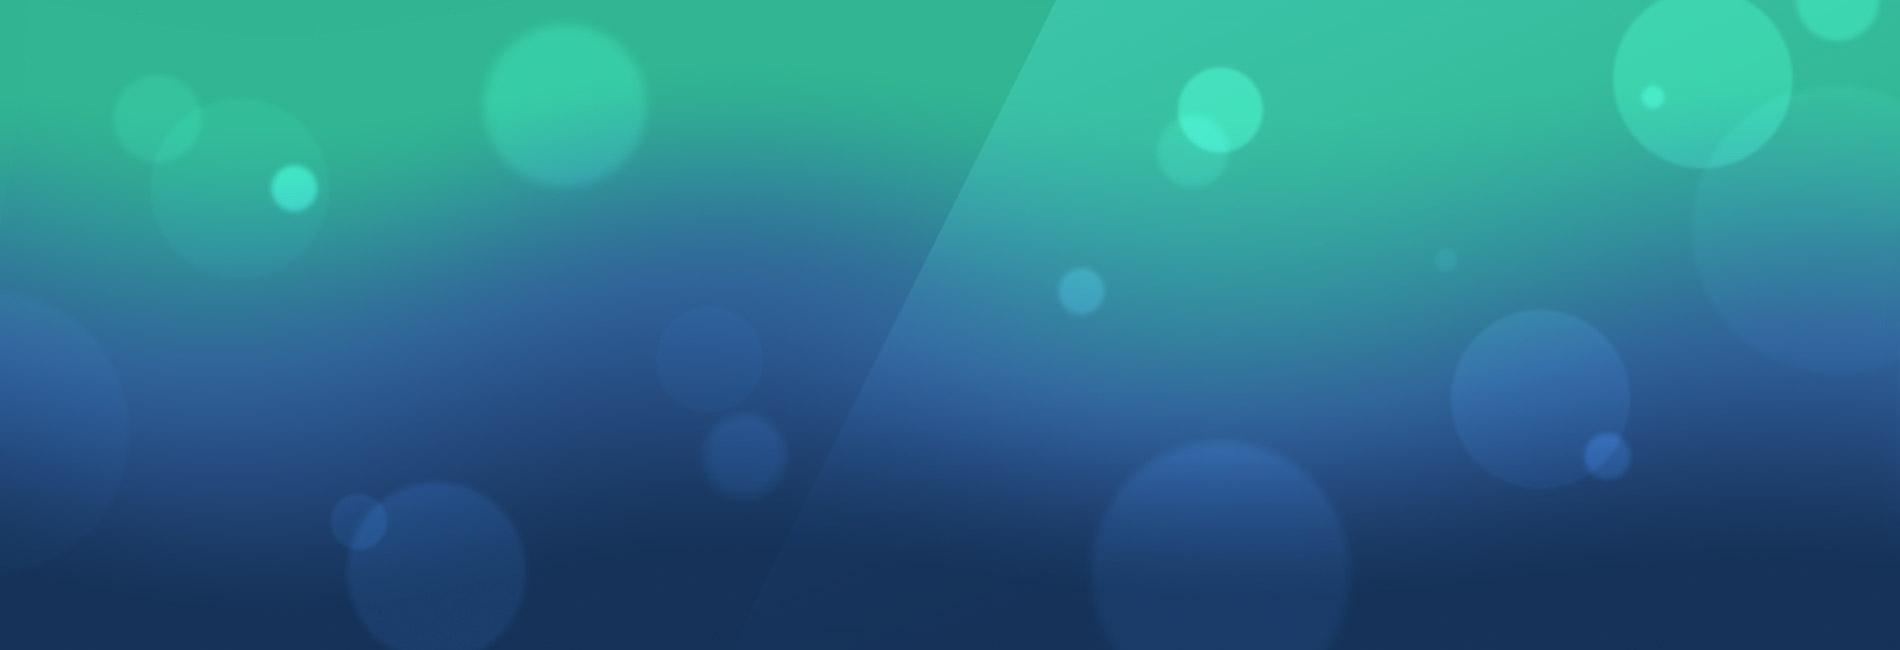 Slider Blue